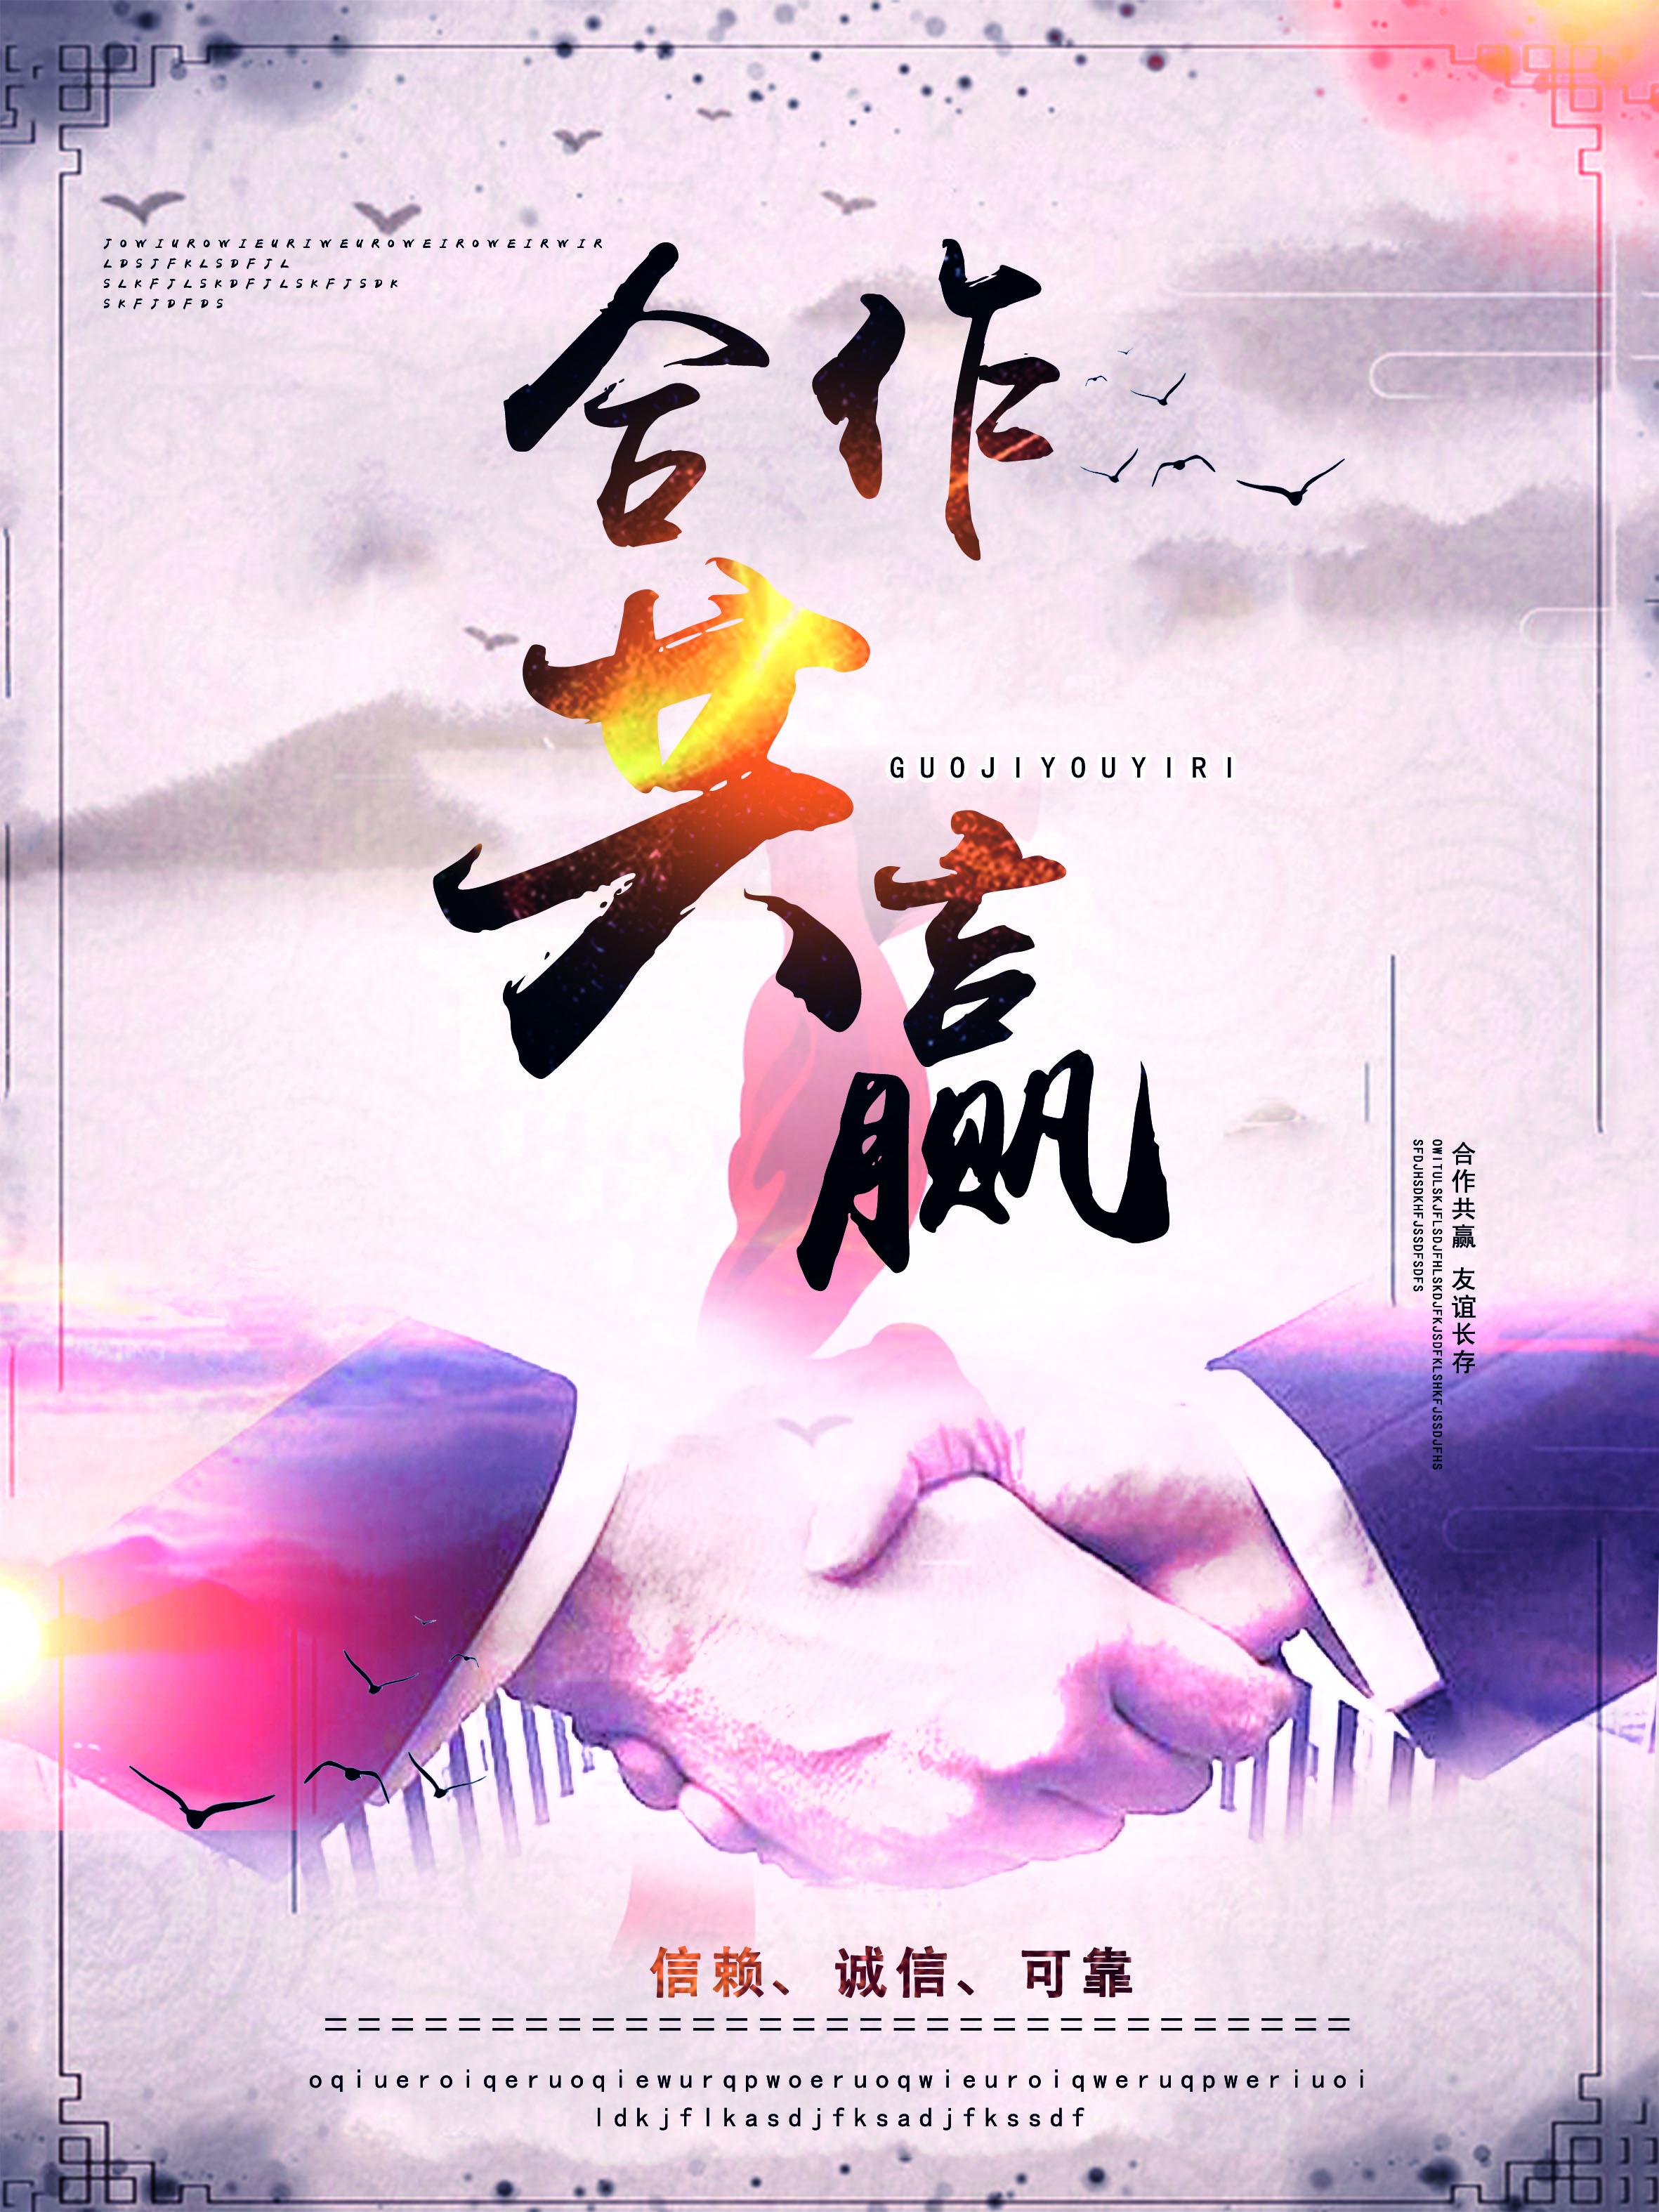 中国风团队精神合作共赢海报